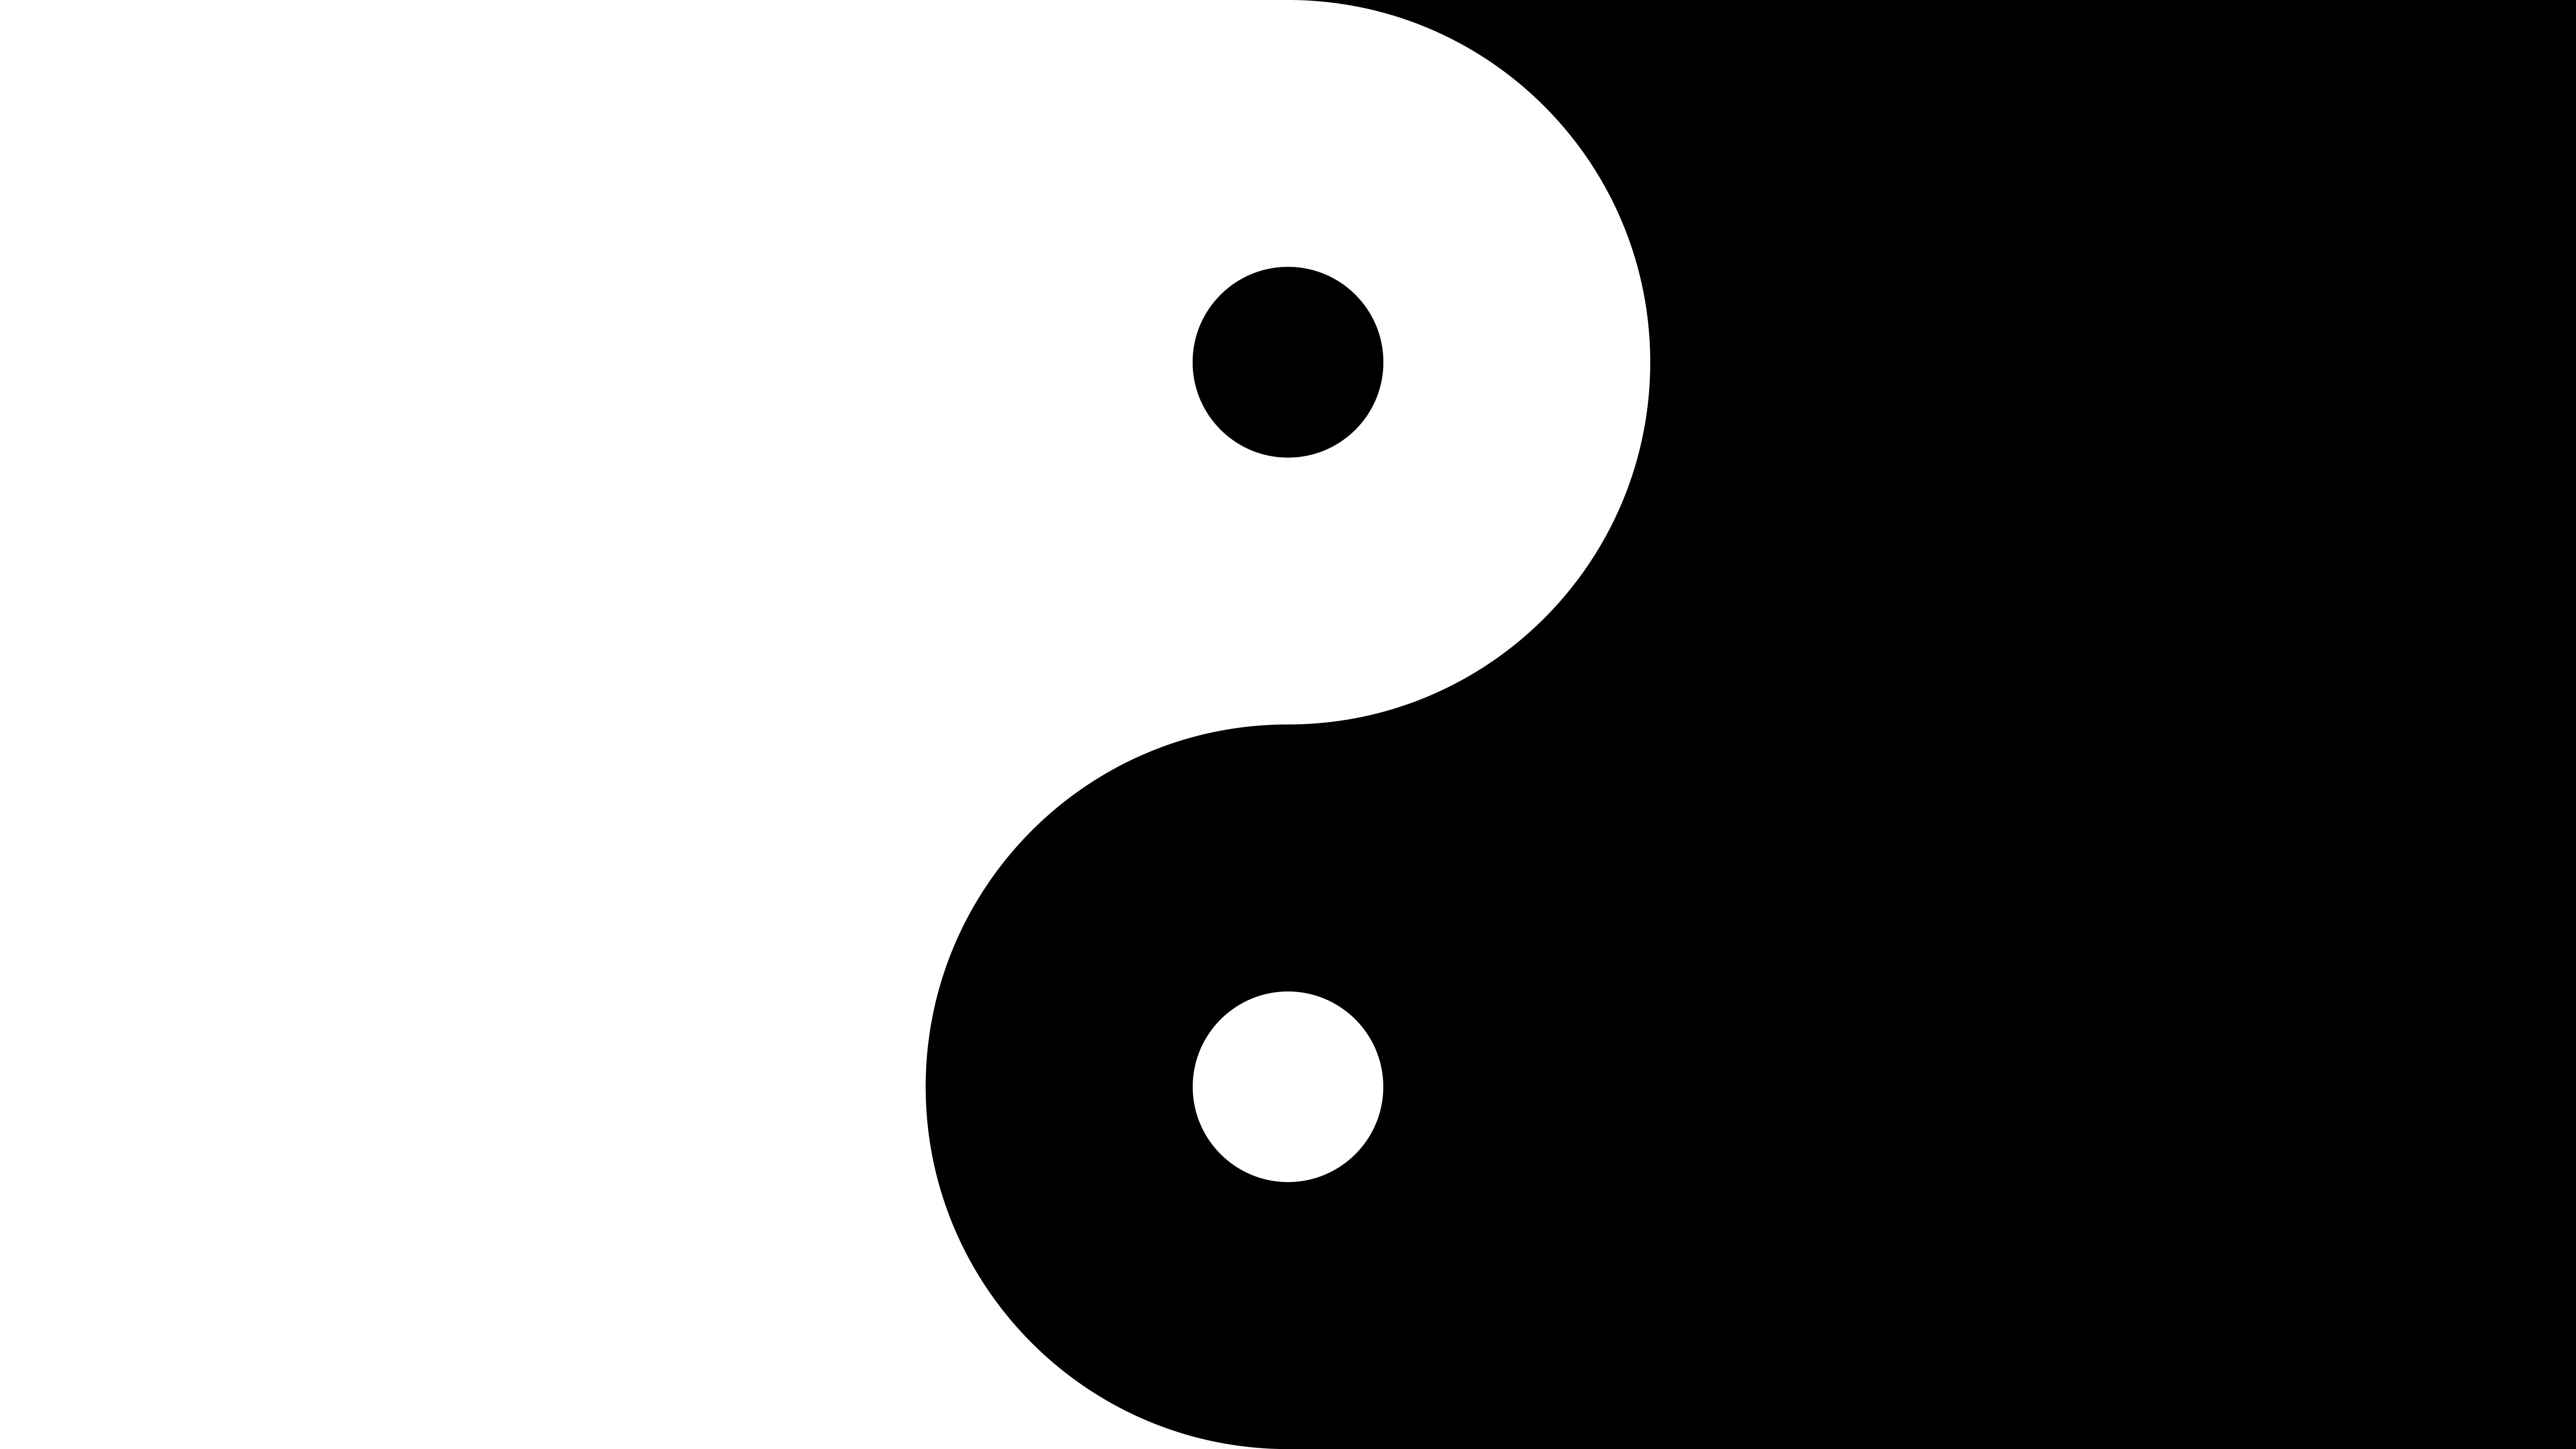 Wallpaper Yin and yang